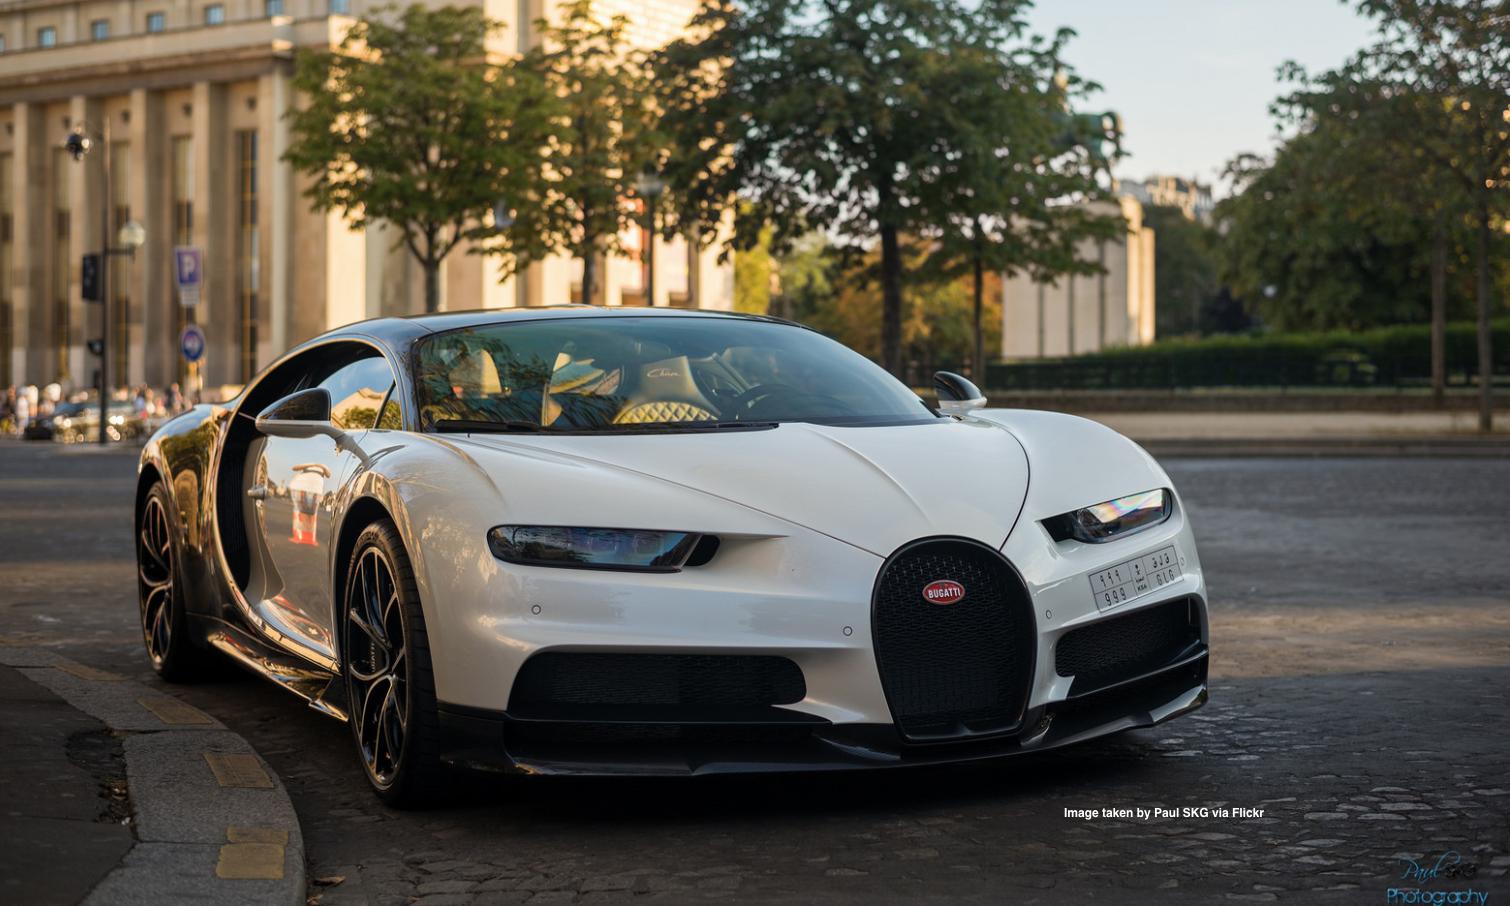 Paul Skg Bugatti Chiron Bugatti Cars Bugatti